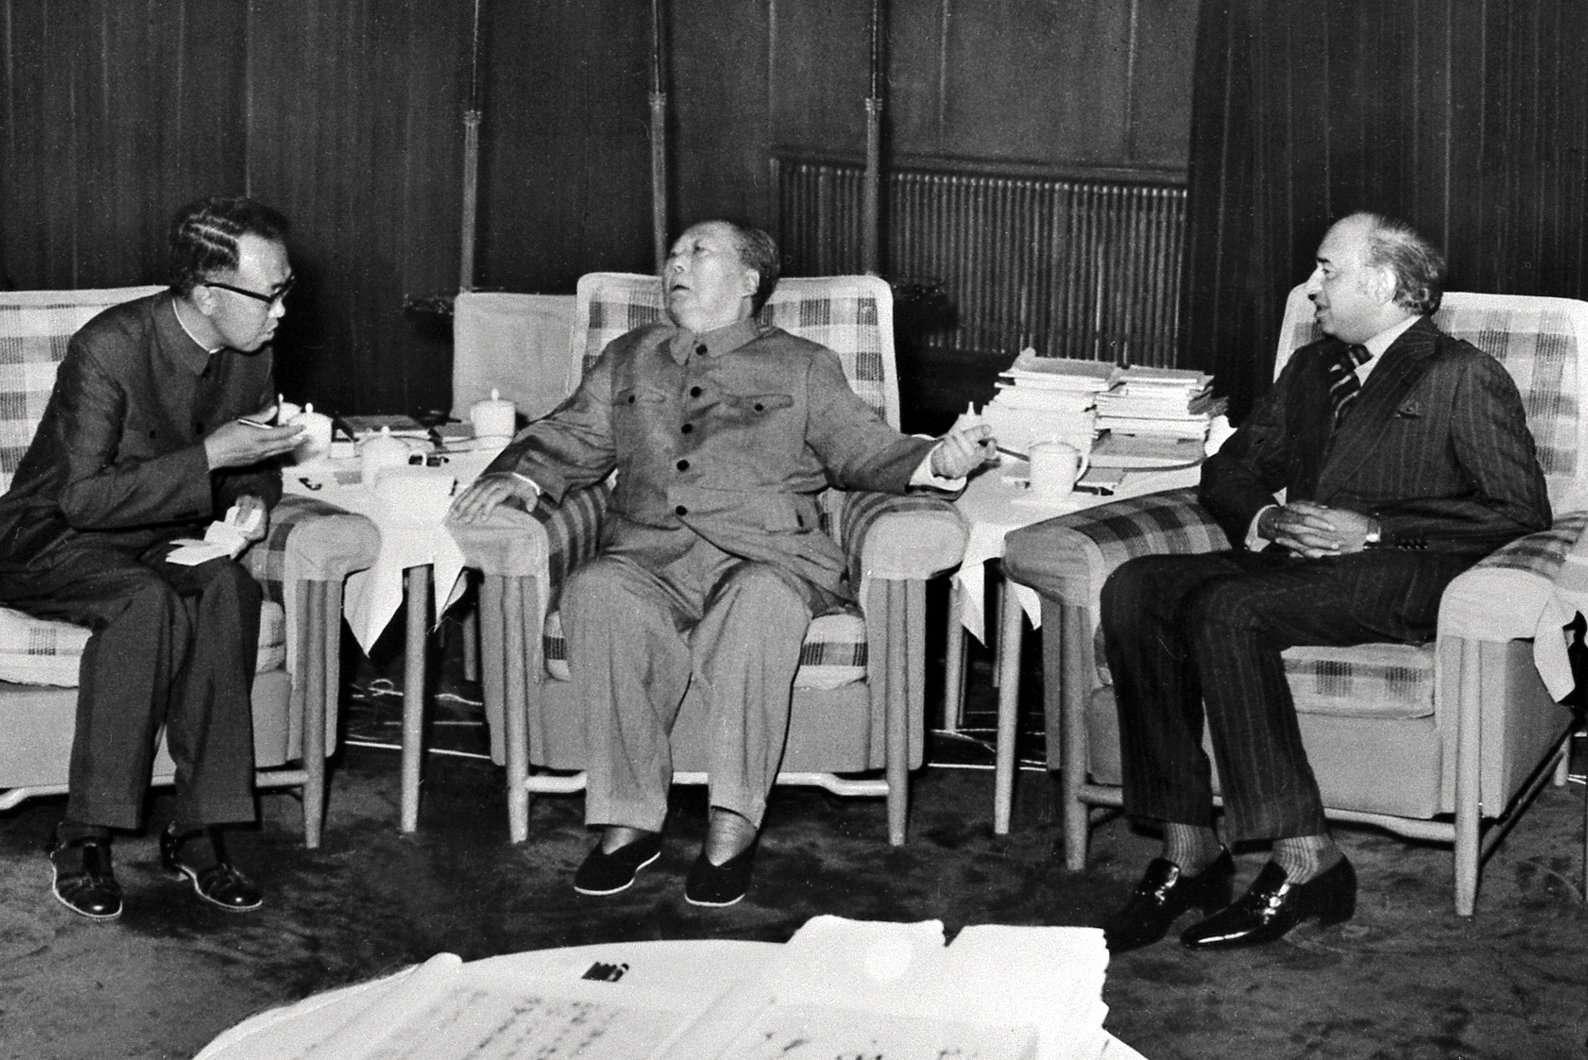 زرادخانه هستهای کره شمالی، مانع به قدرت رسیدن چین